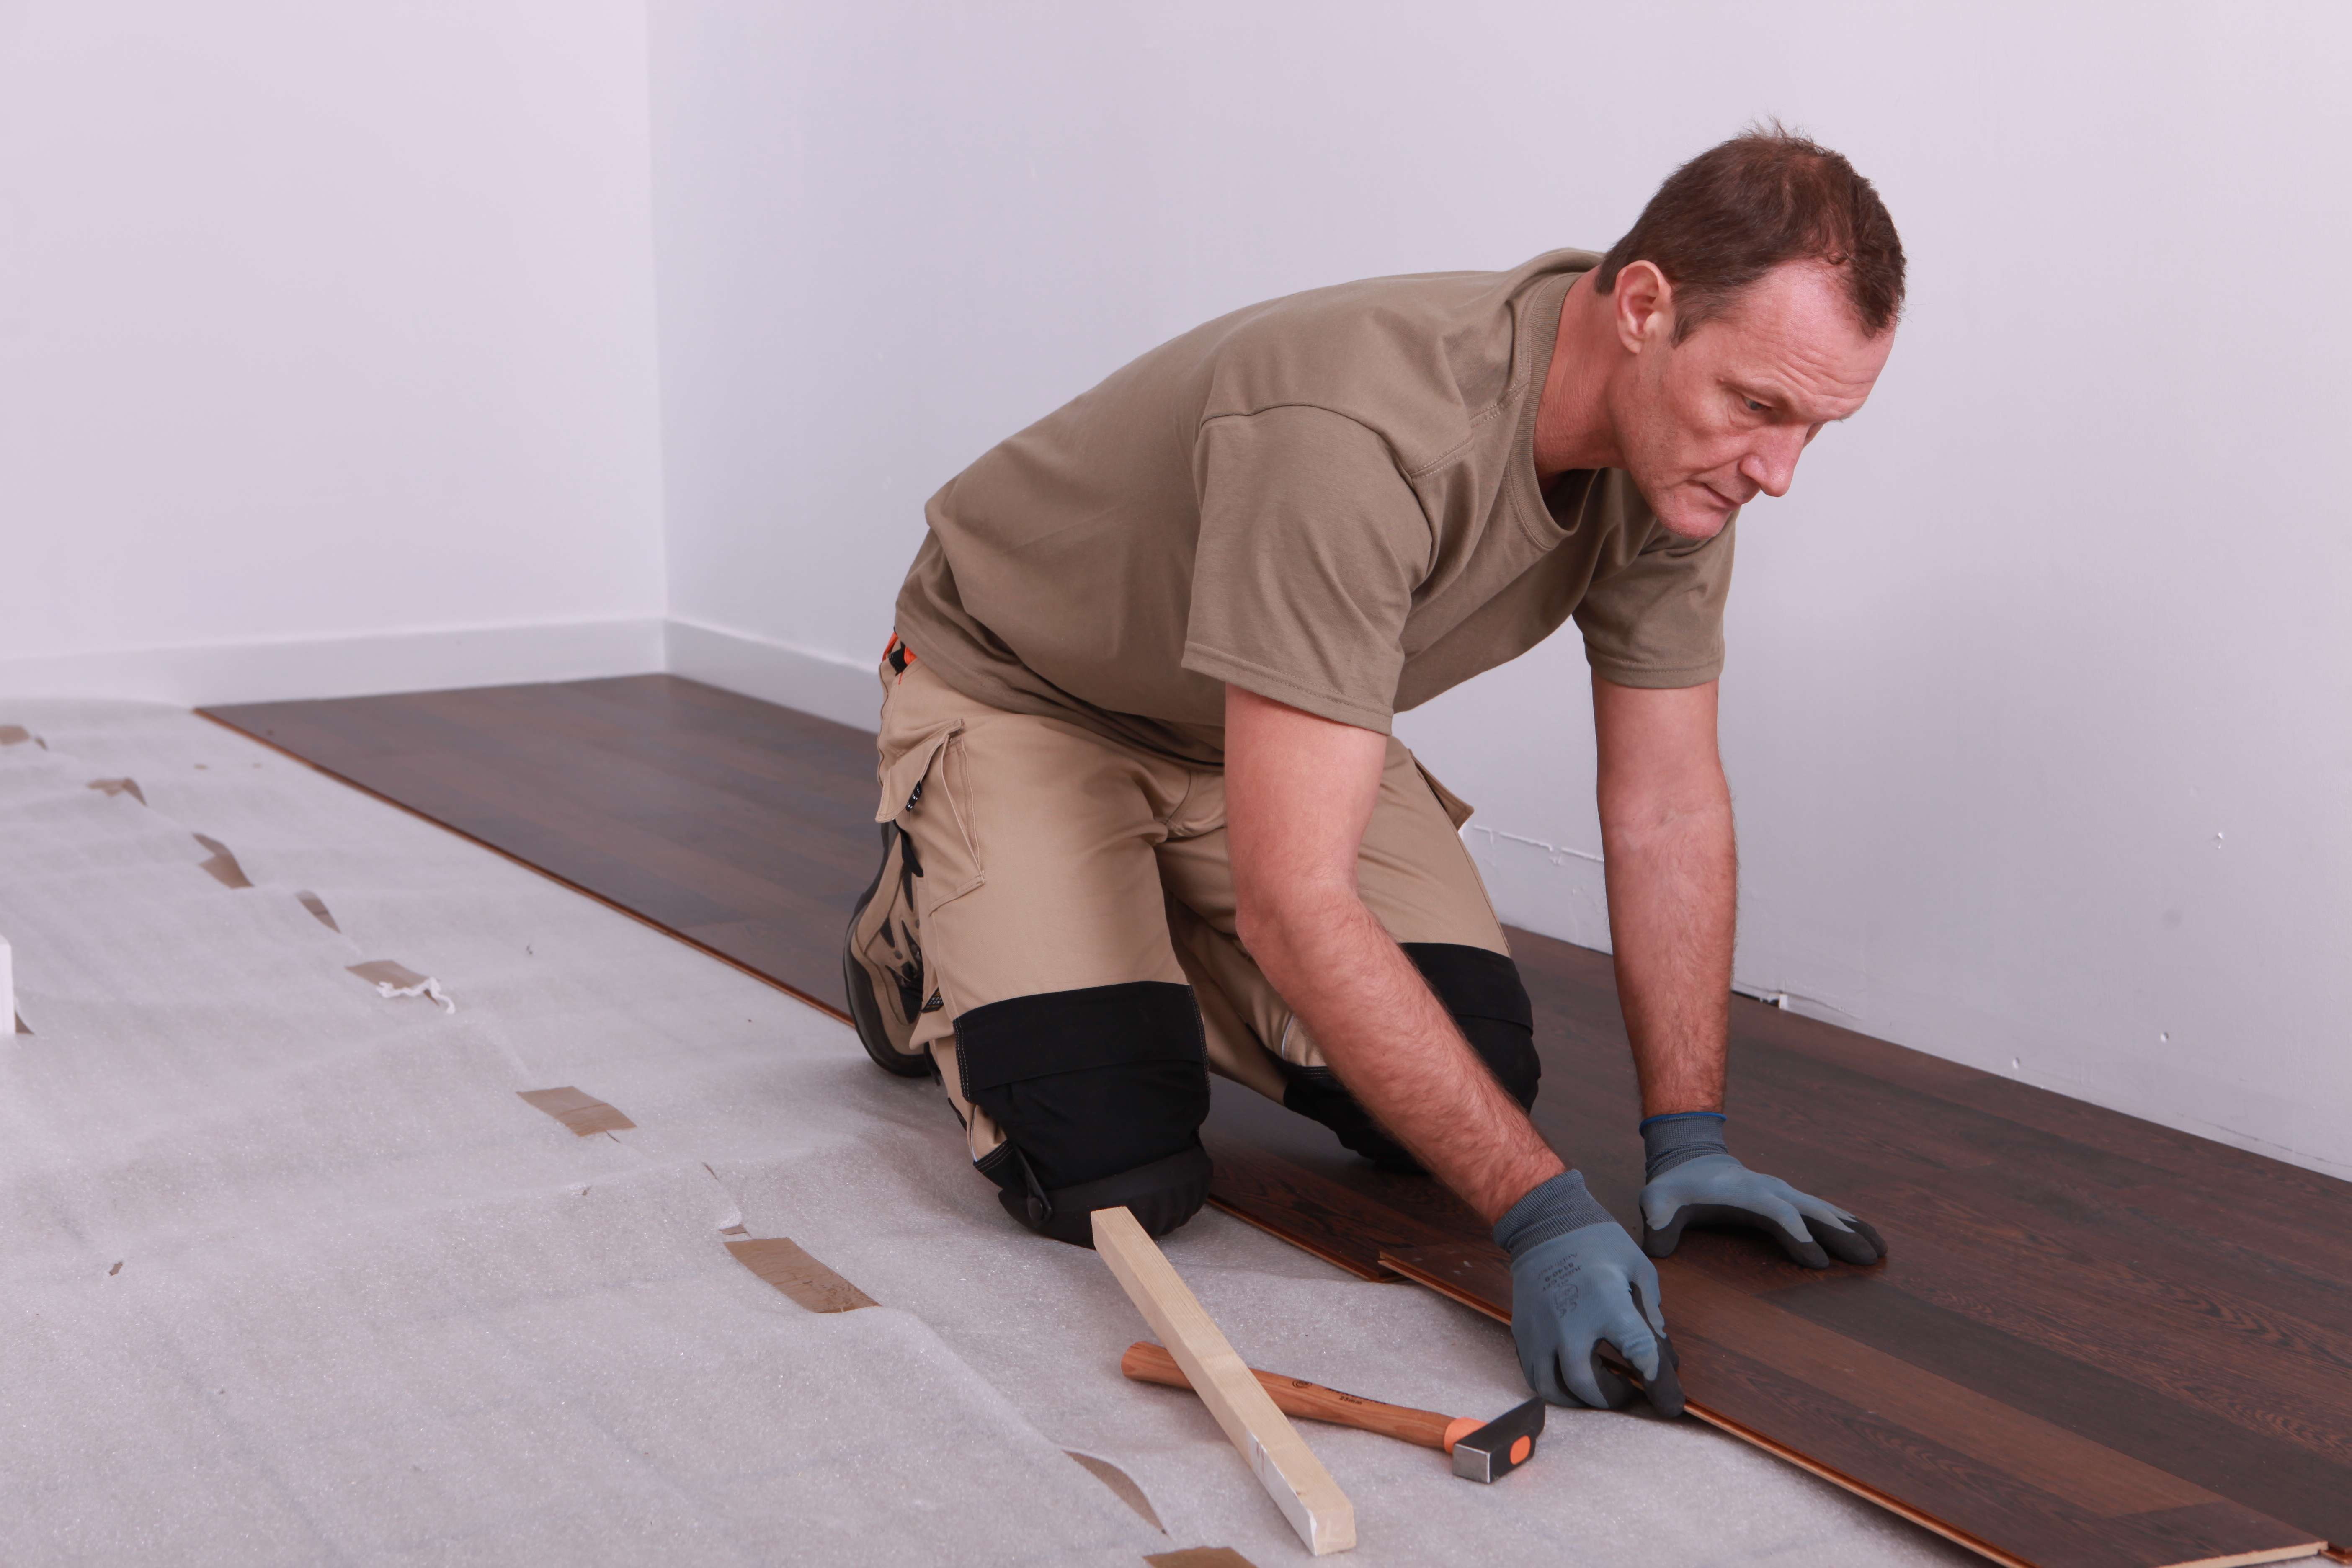 Ремонт ламината – как своими руками избавиться от пятен, царапин, сколов и разбухших панелей.